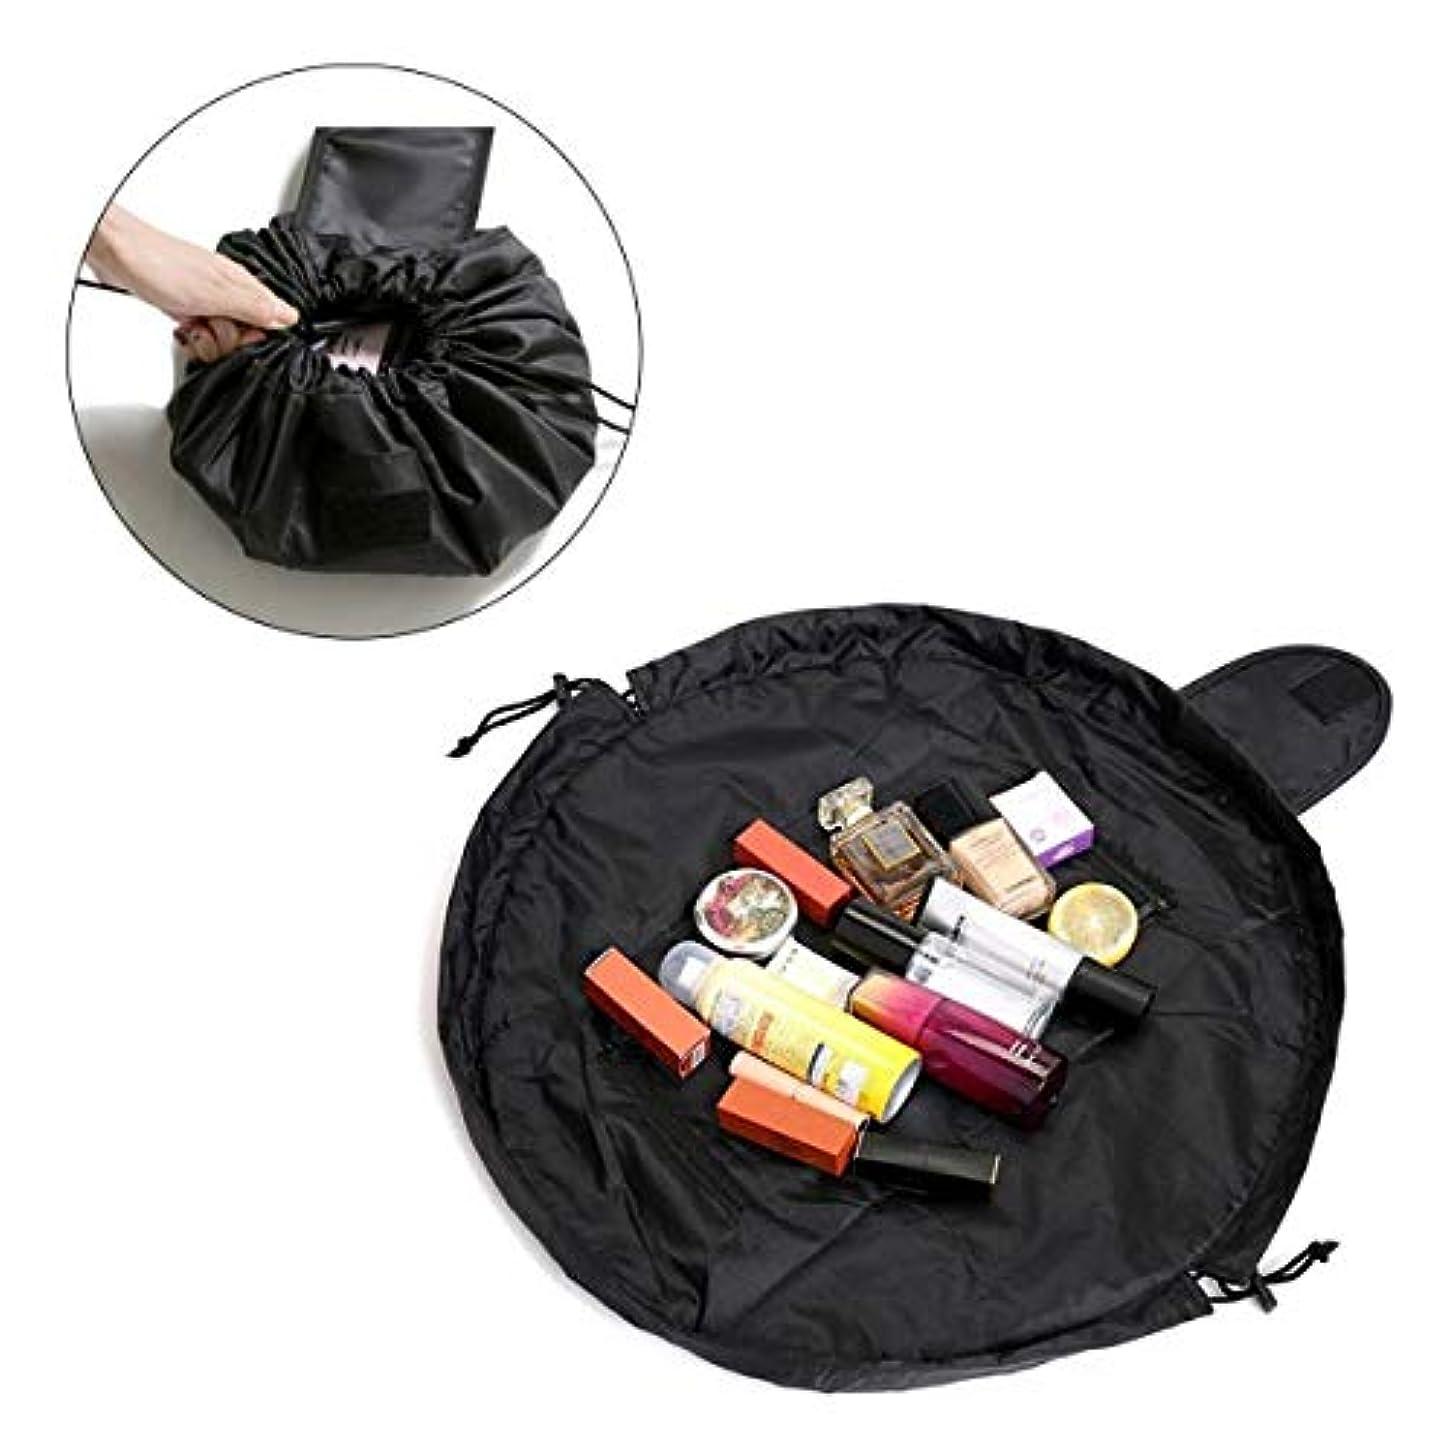 目的スナックサドルPichidr-JP 速い化粧袋旅行浴室のための携帯用多機能の防水ビロードの円形の化粧品袋、黒